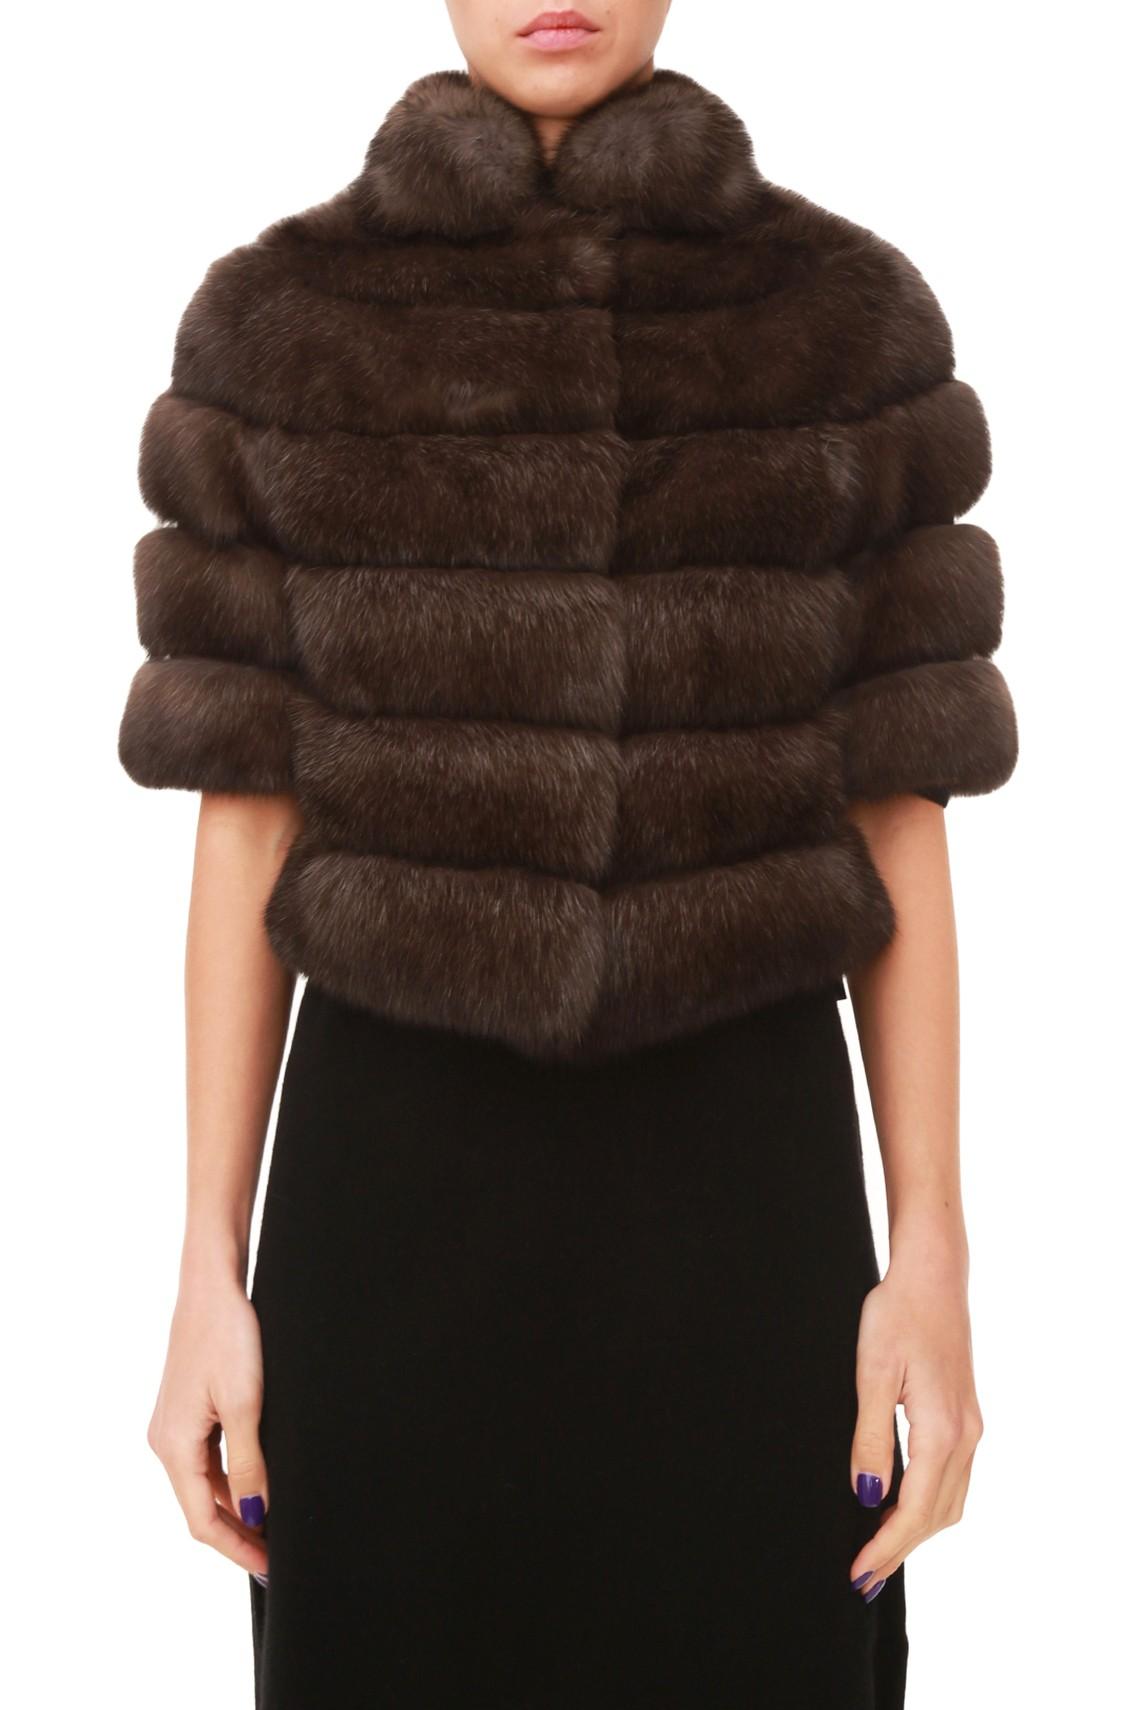 Темно-коричневое пальто из меха соболя от Antonio Didone c короткими рукавами